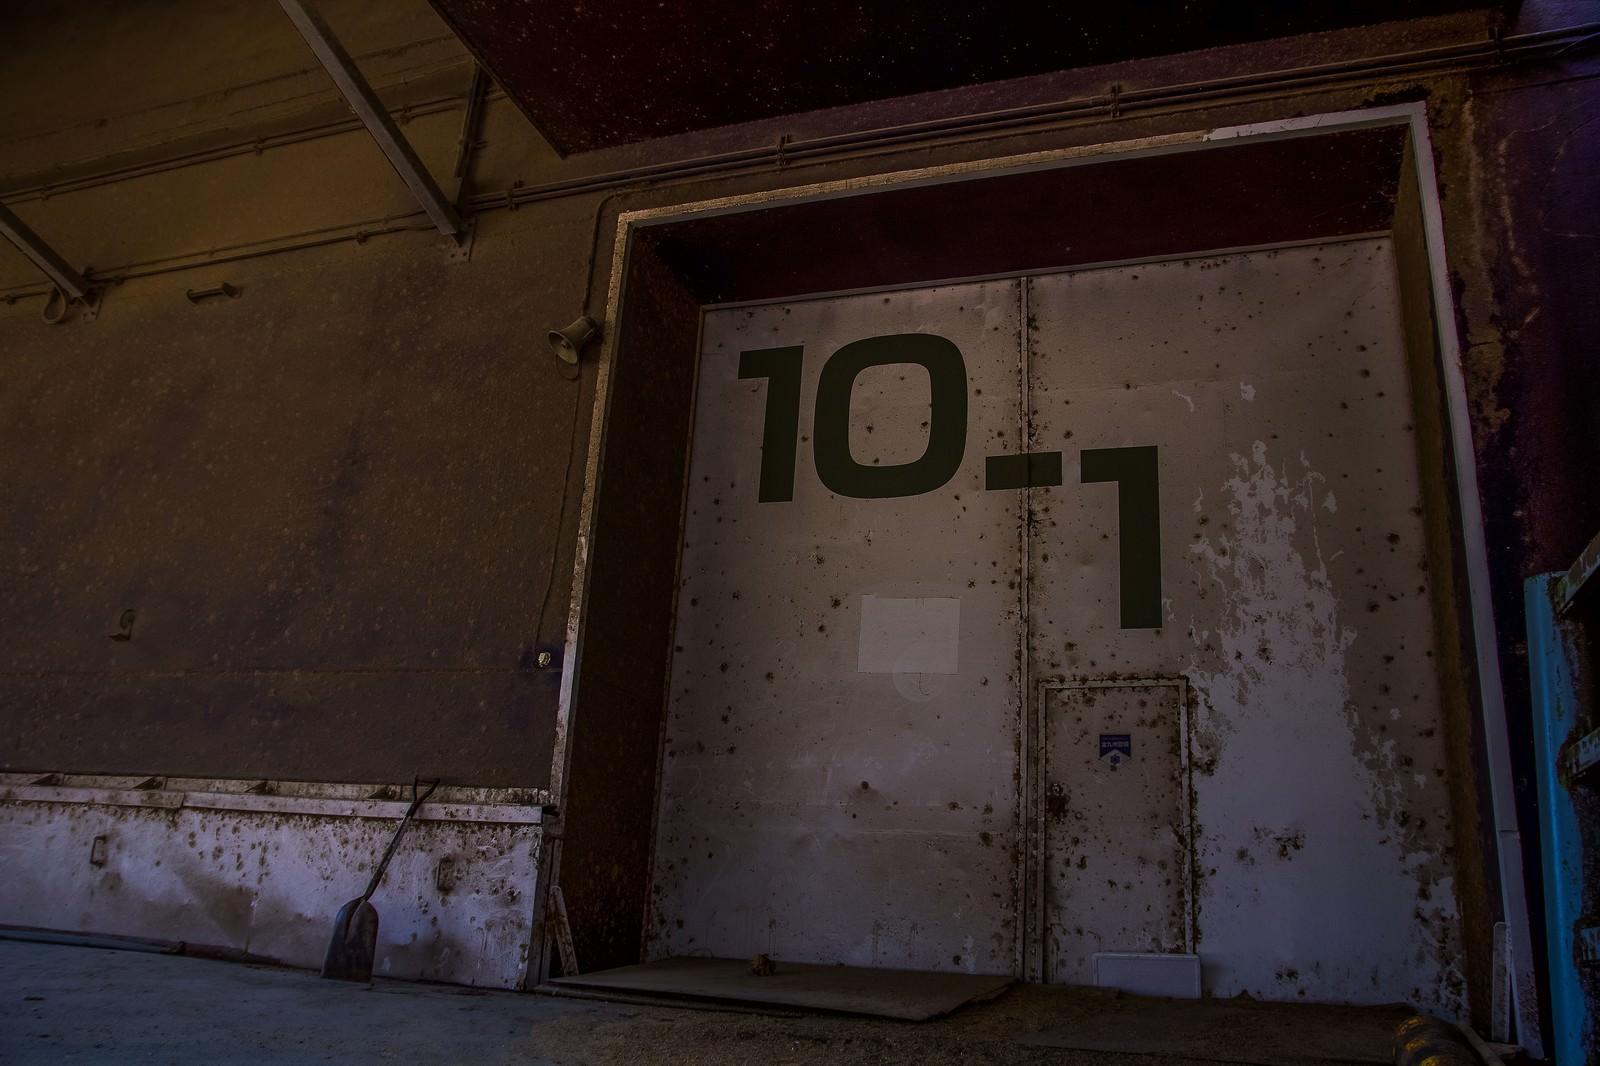 「錆びた扉の貸し倉庫錆びた扉の貸し倉庫」のフリー写真素材を拡大